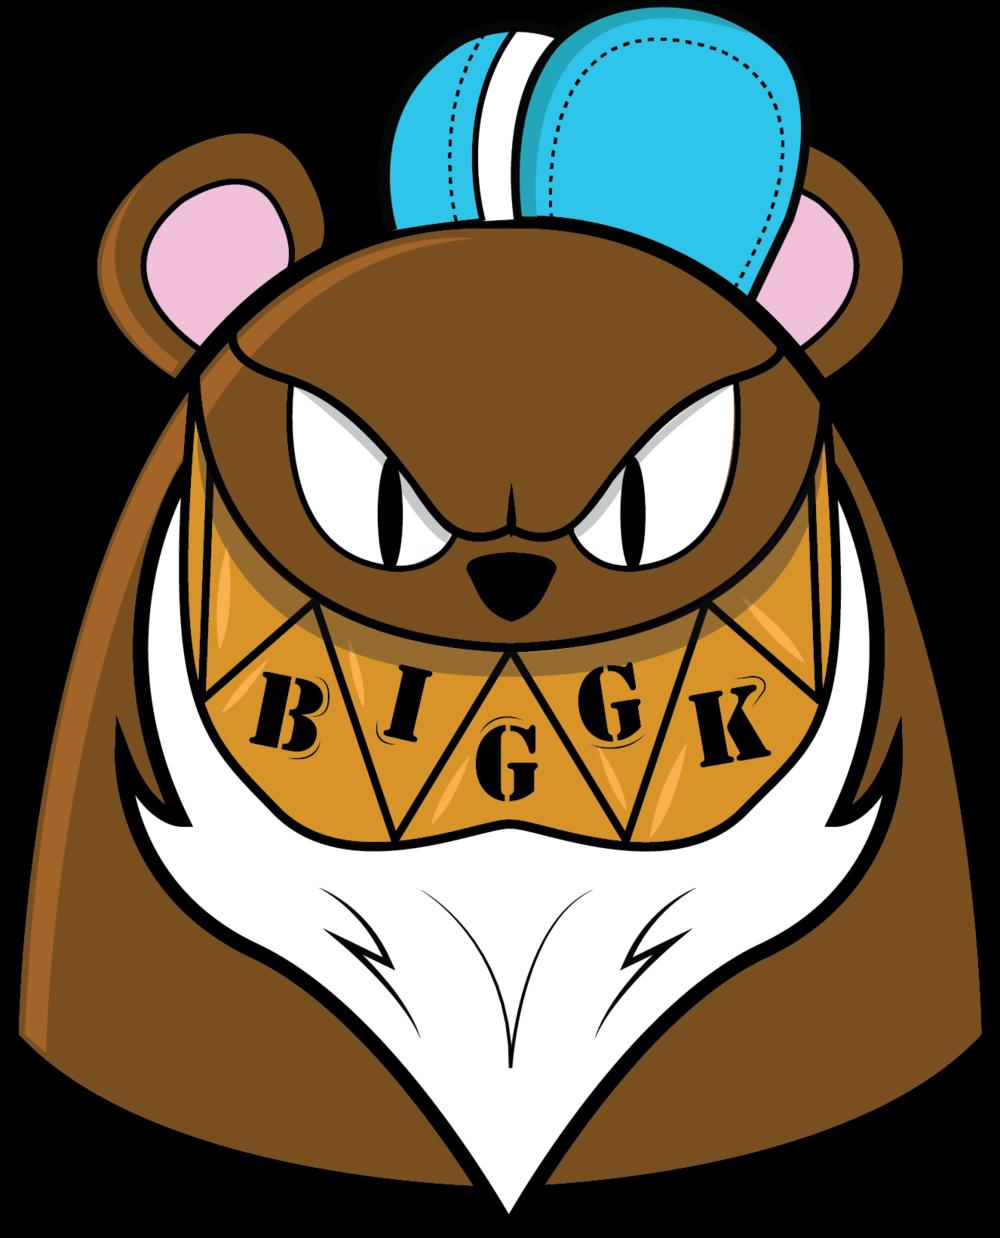 Bigg K Bear1.png